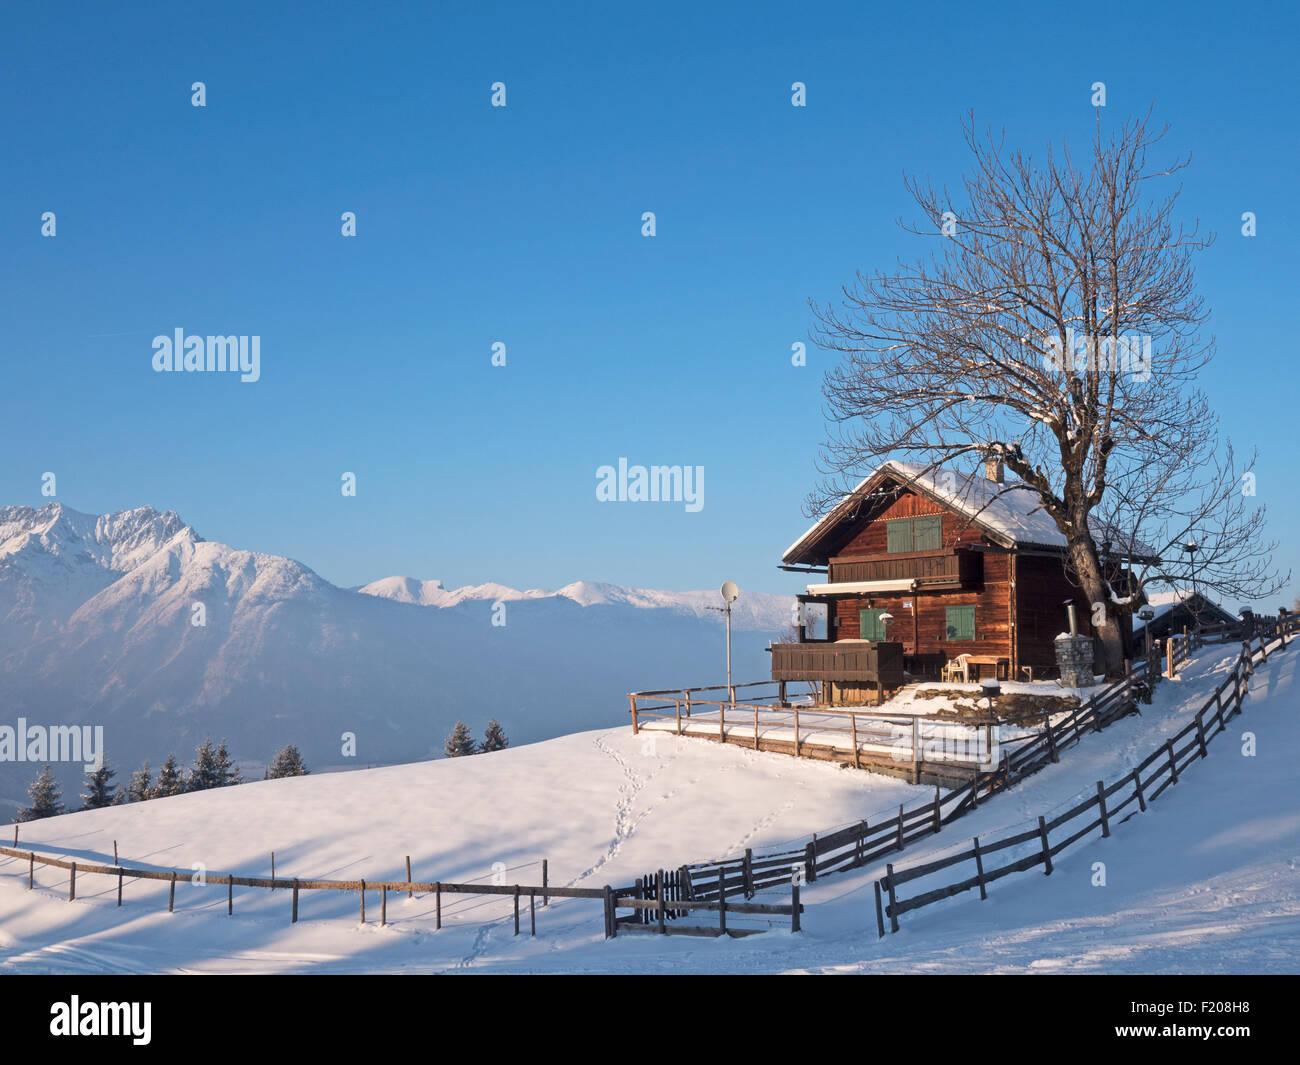 Hütte in den Alpen - Stock Image